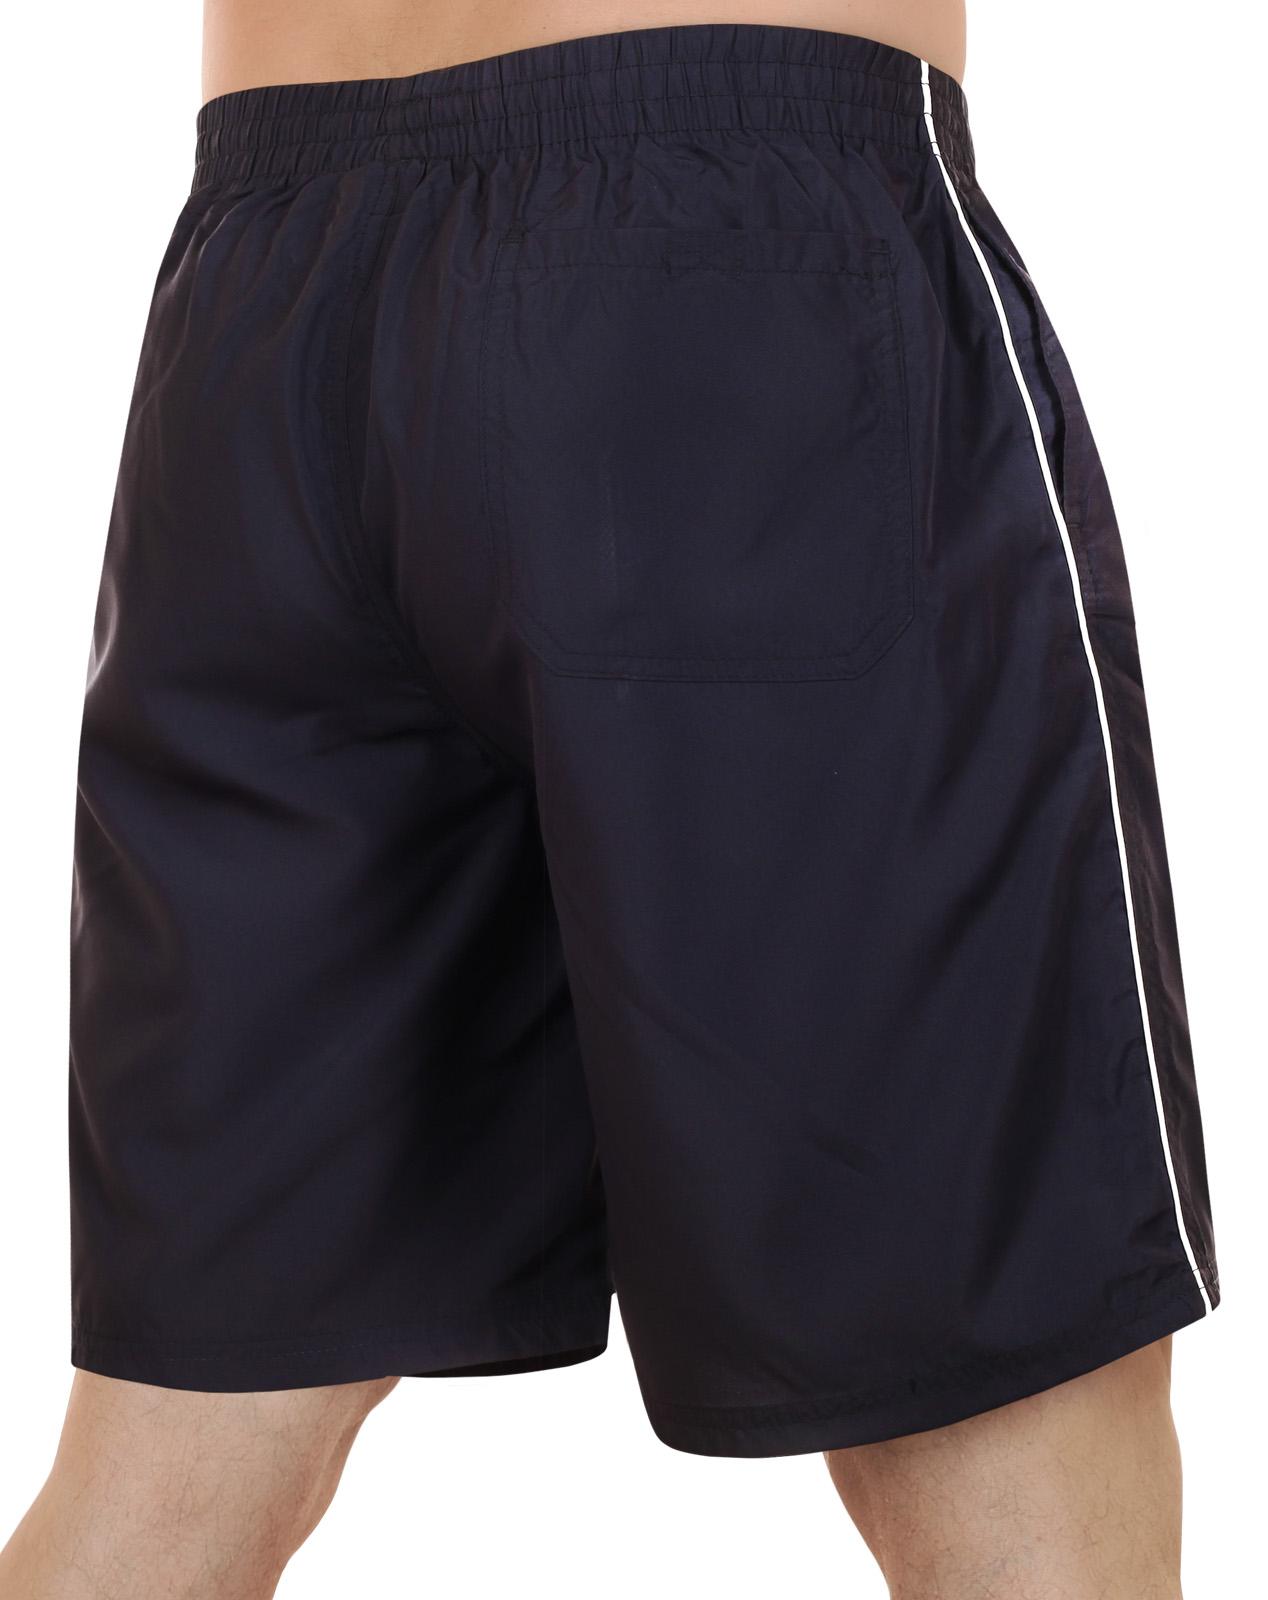 Мужские шорты от канадского бренда MACE стопудово лучшие для пляжа по лучшей цене